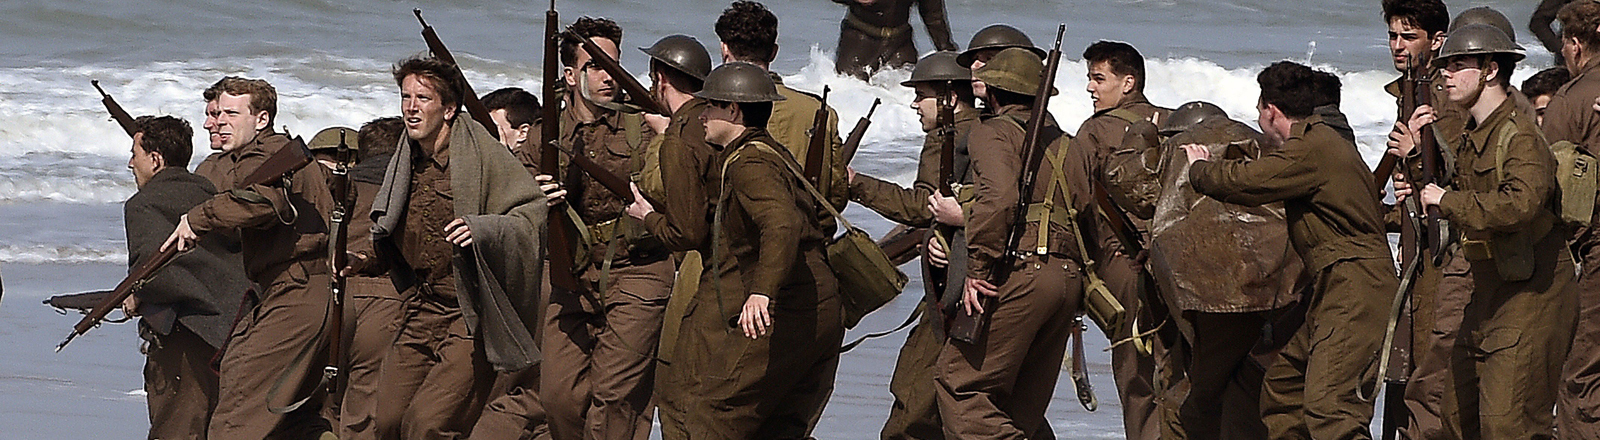 Szene aus Dunkirk